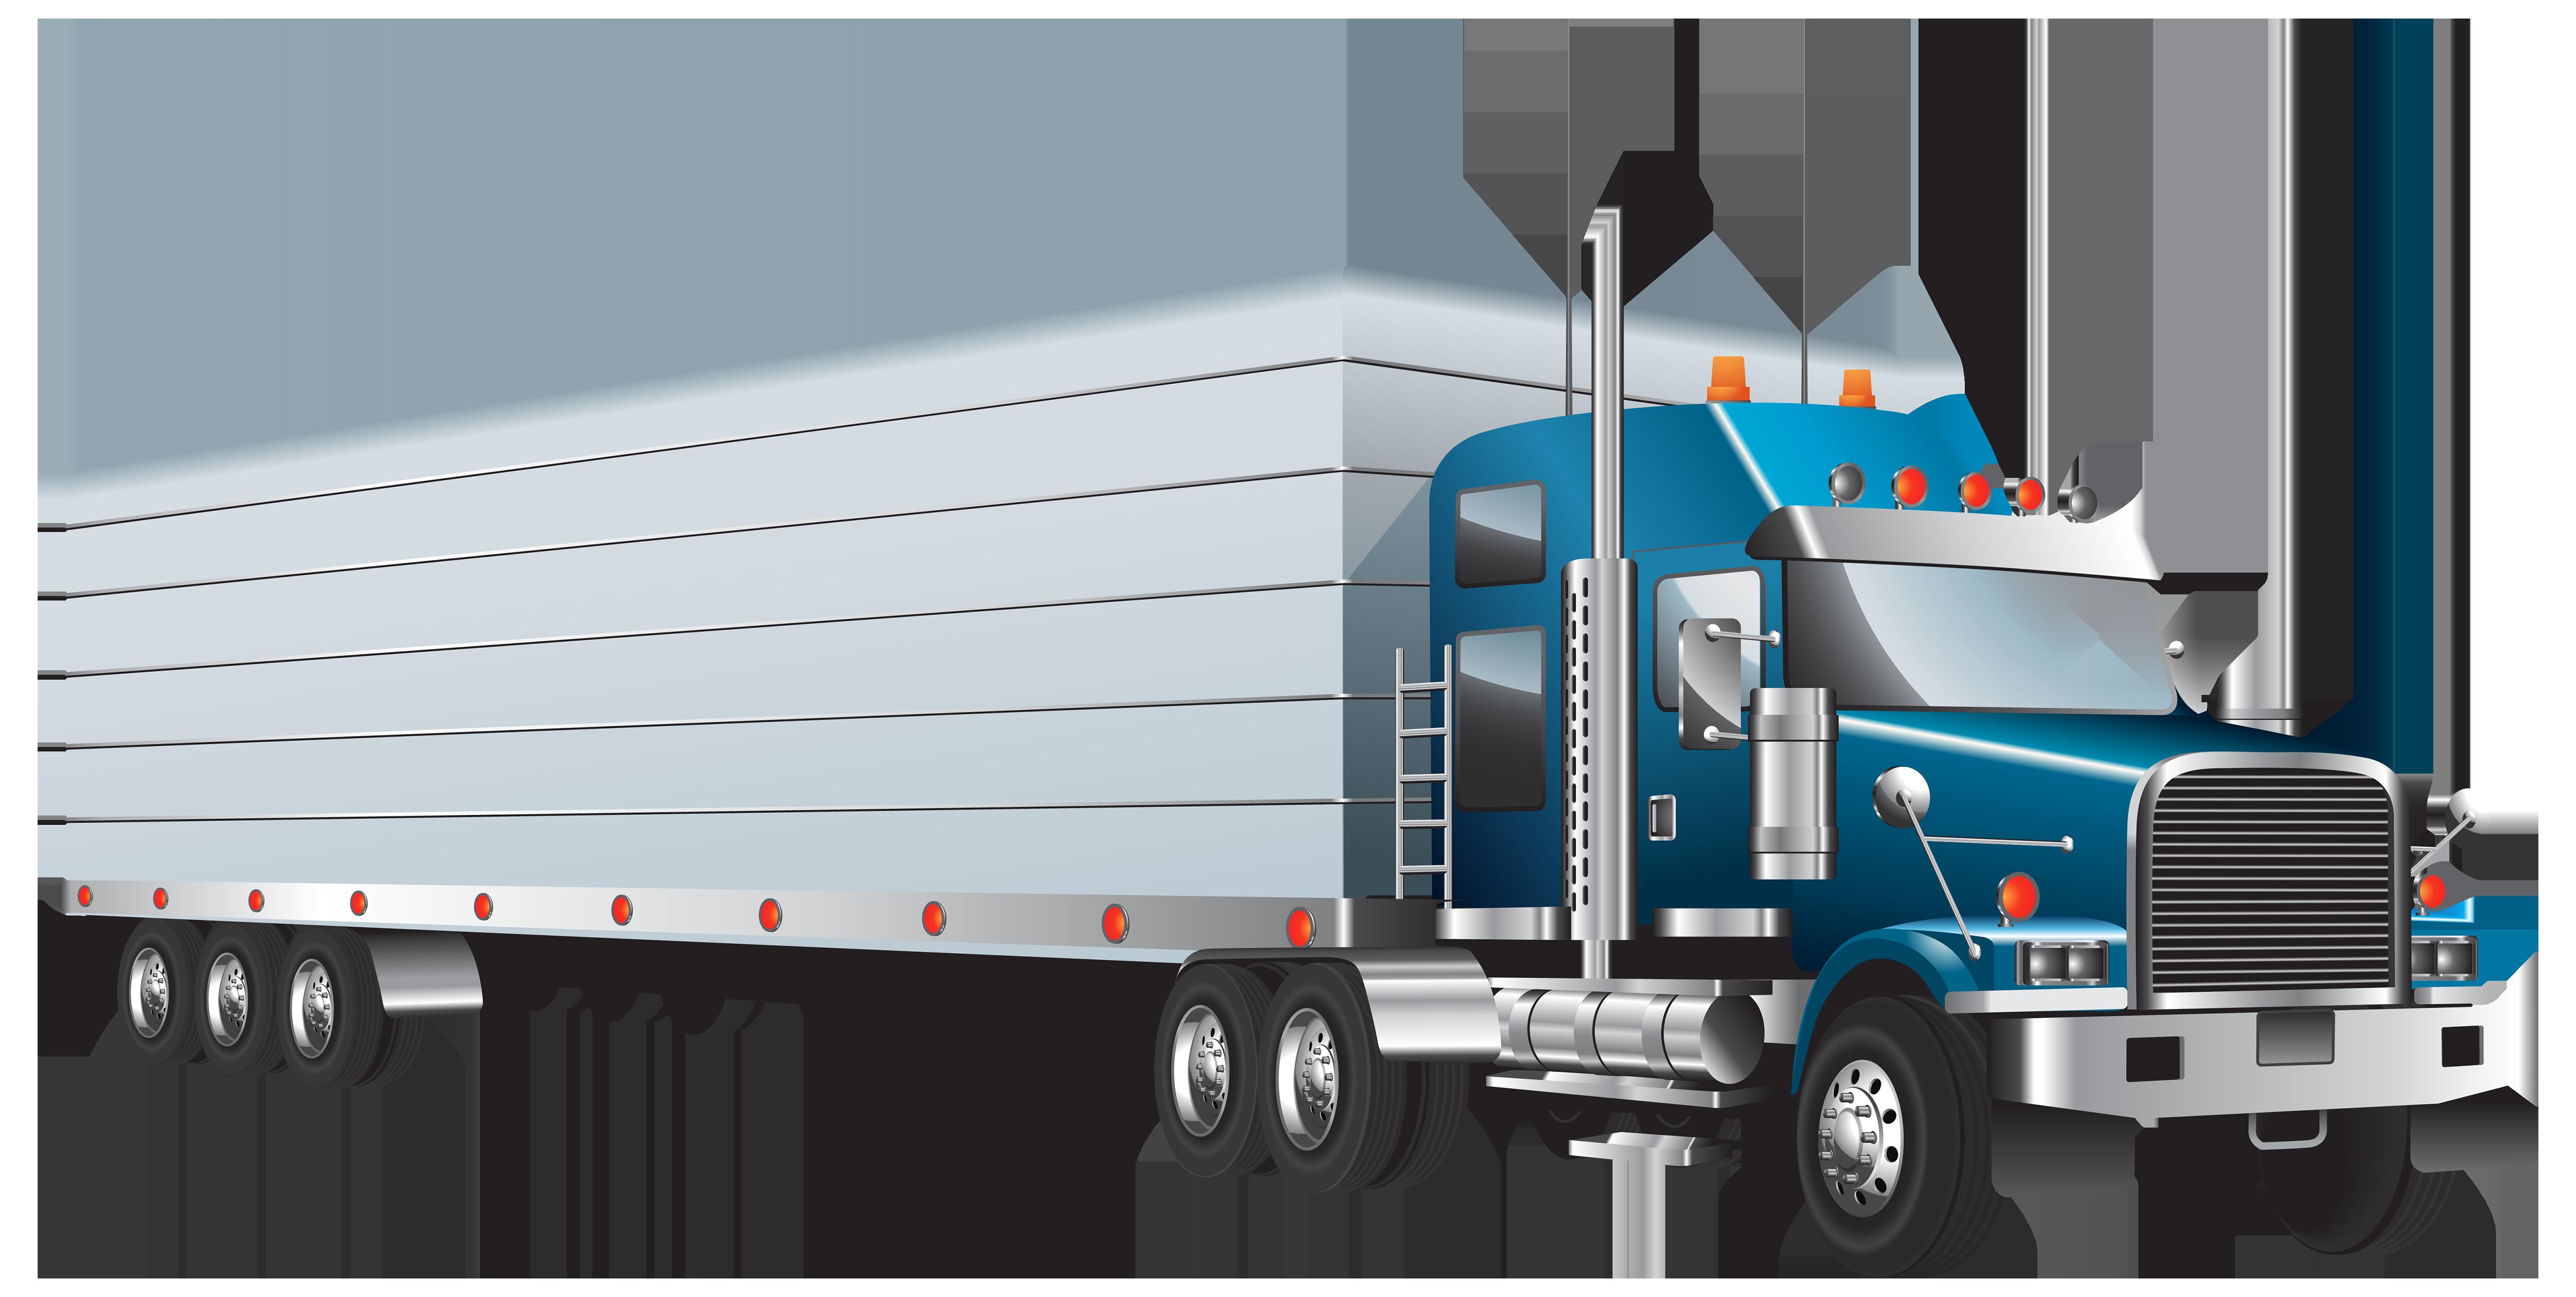 transparent Png best web. Truck clipart